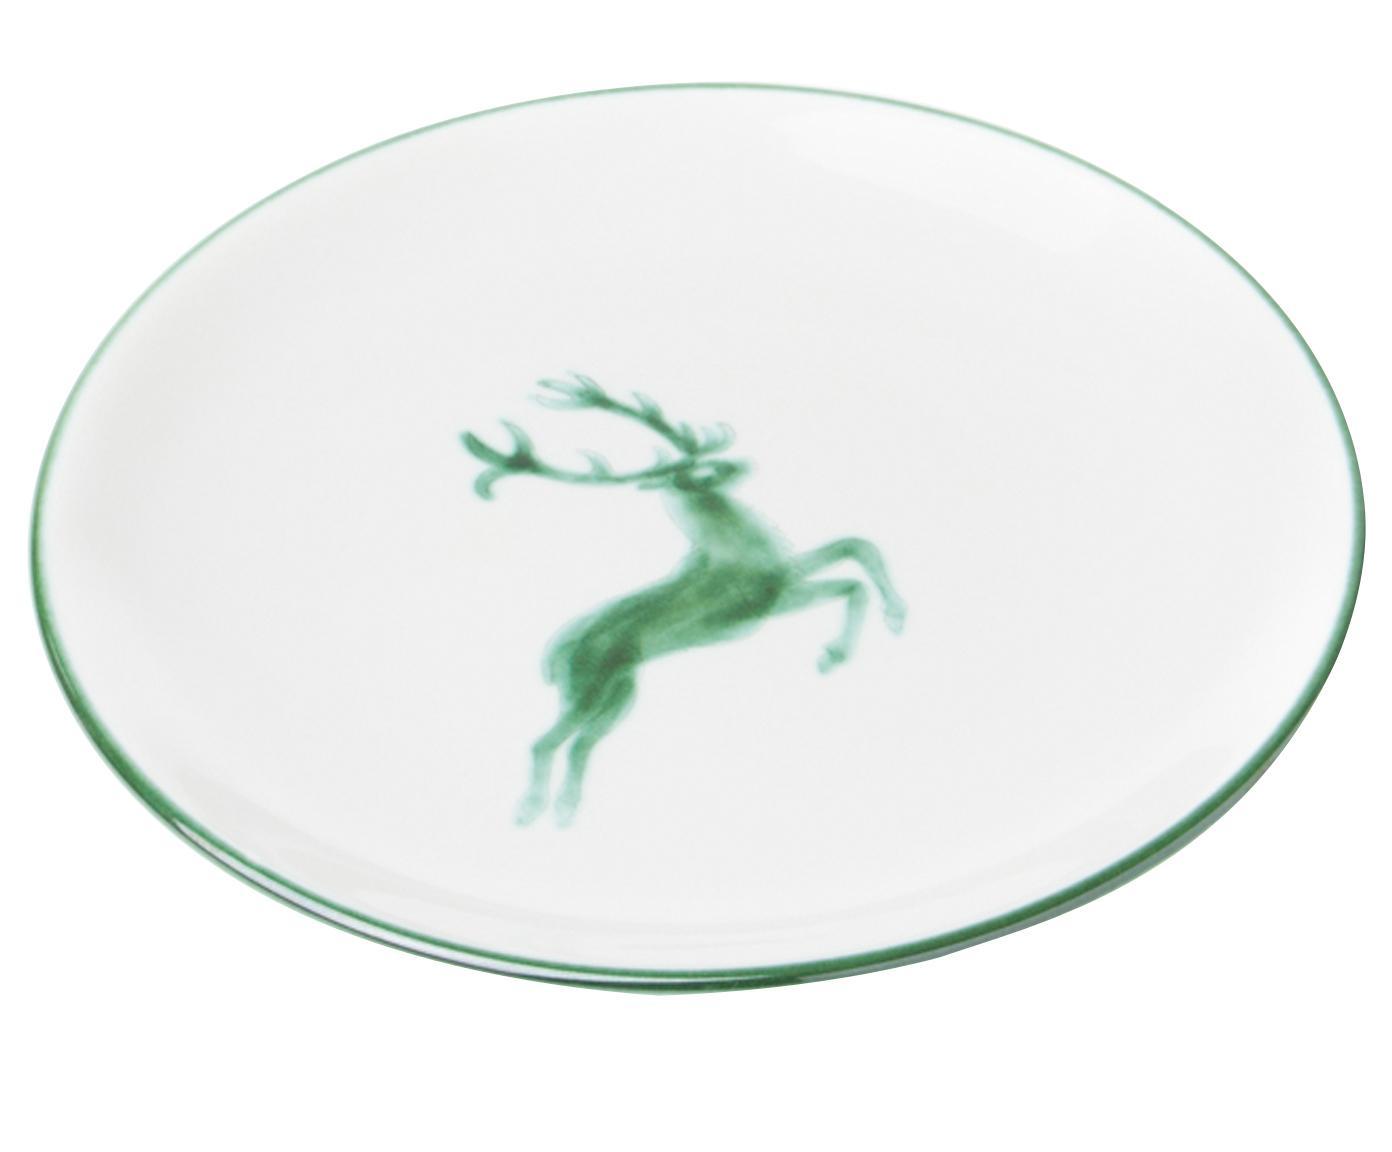 Dessertbord Classic Groene Hert, Keramiek, Groen, wit, Ø 20 cm